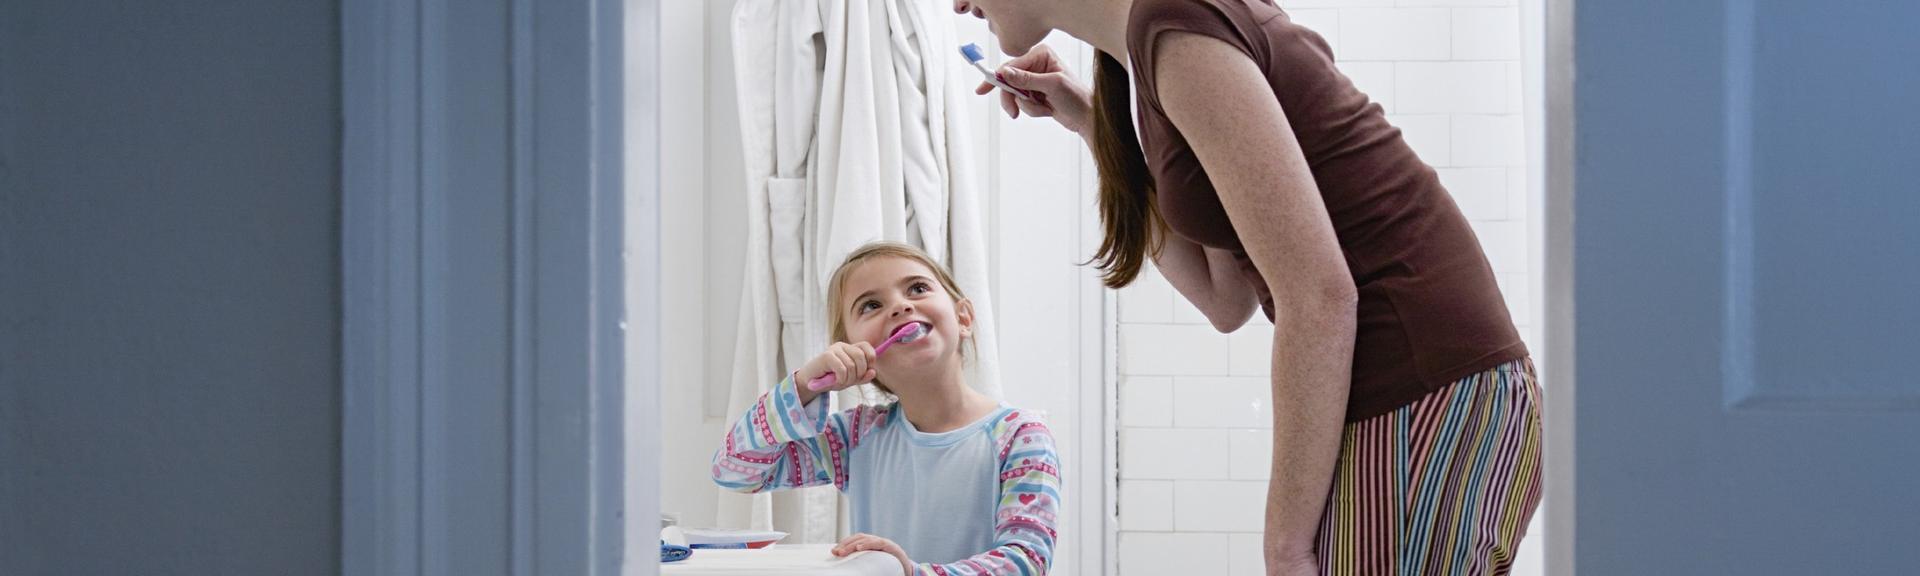 Apprendre l'hygiène bucco-dentaire à son enfant